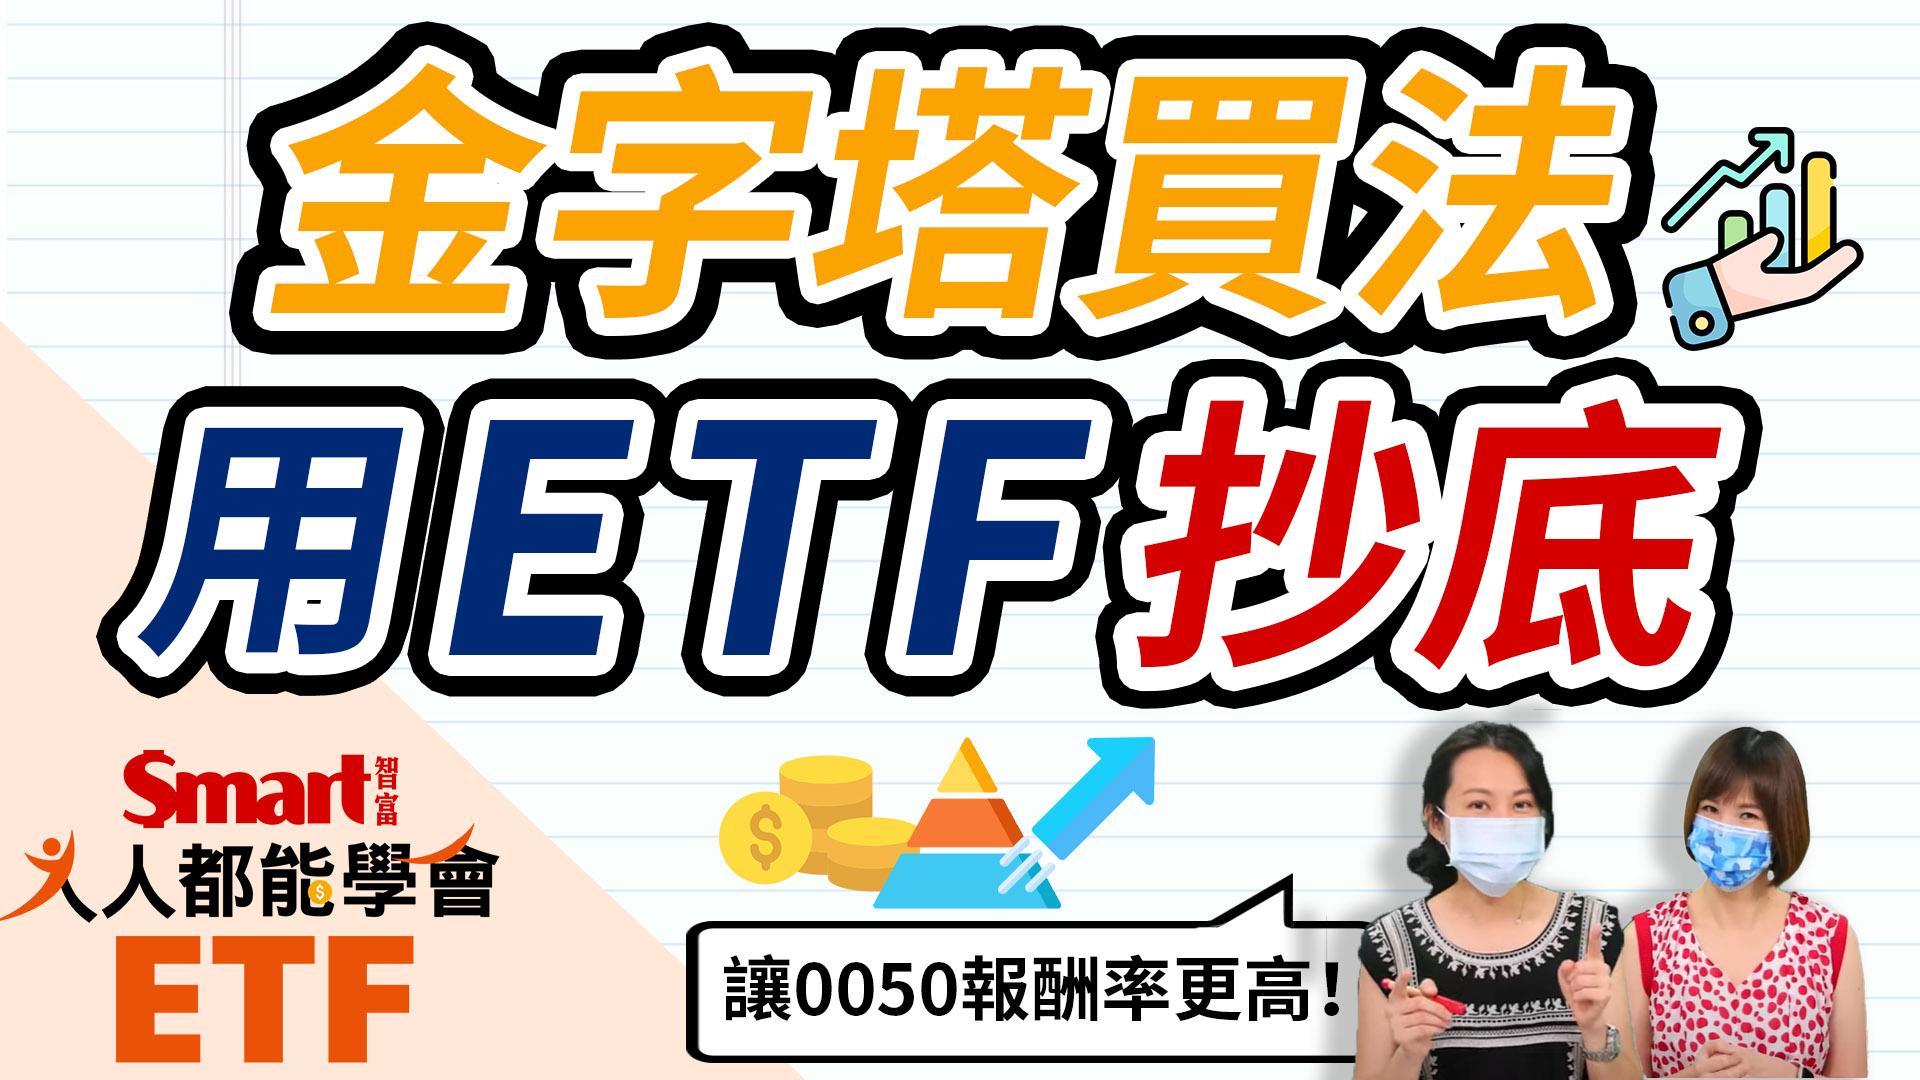 影片》金字塔買法,用ETF 0050、006208就能抄底、逢低布局!